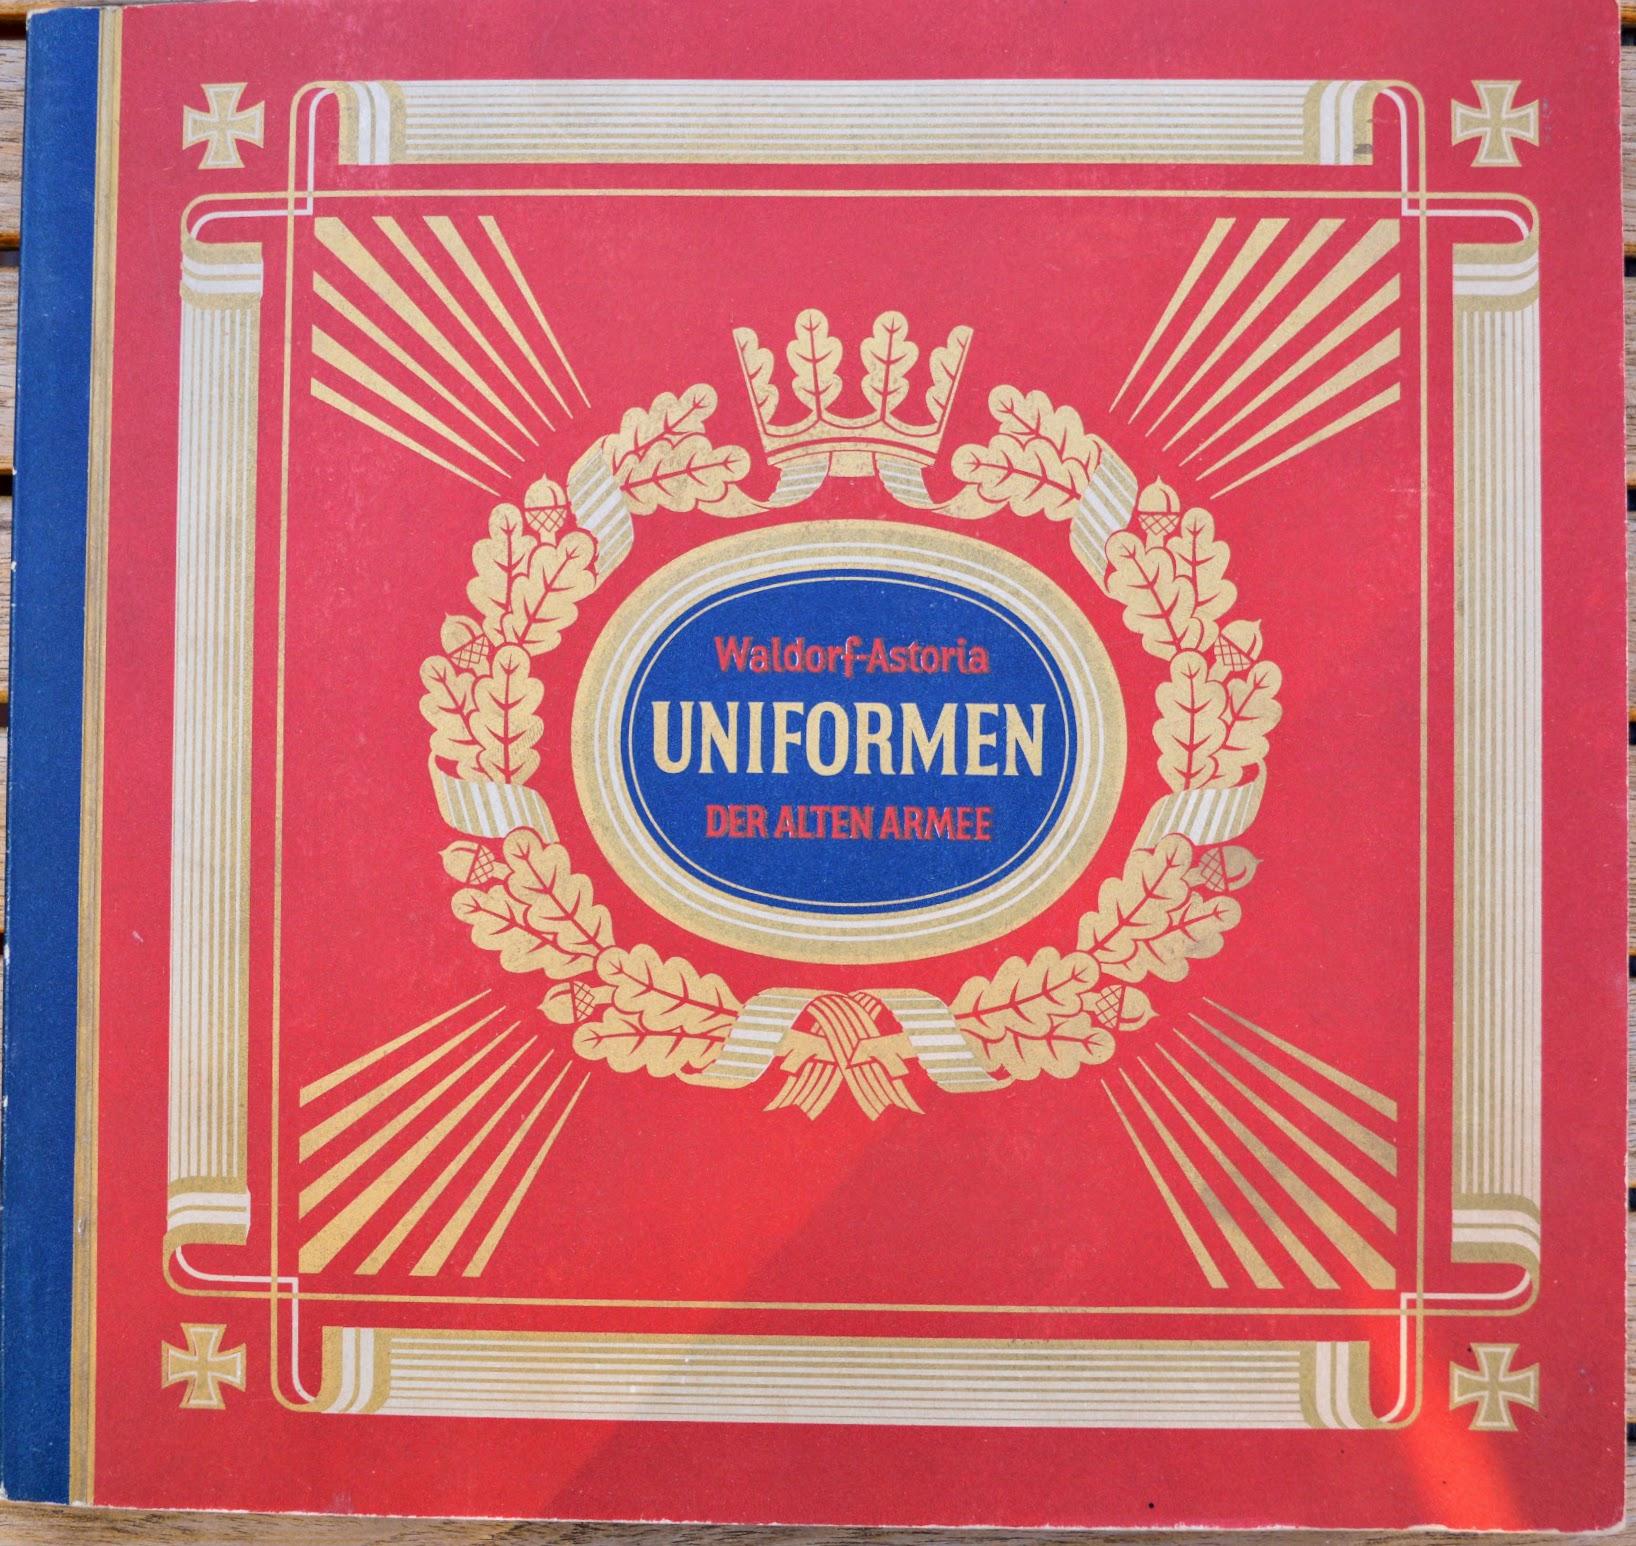 Uniformen - Sammelbilder